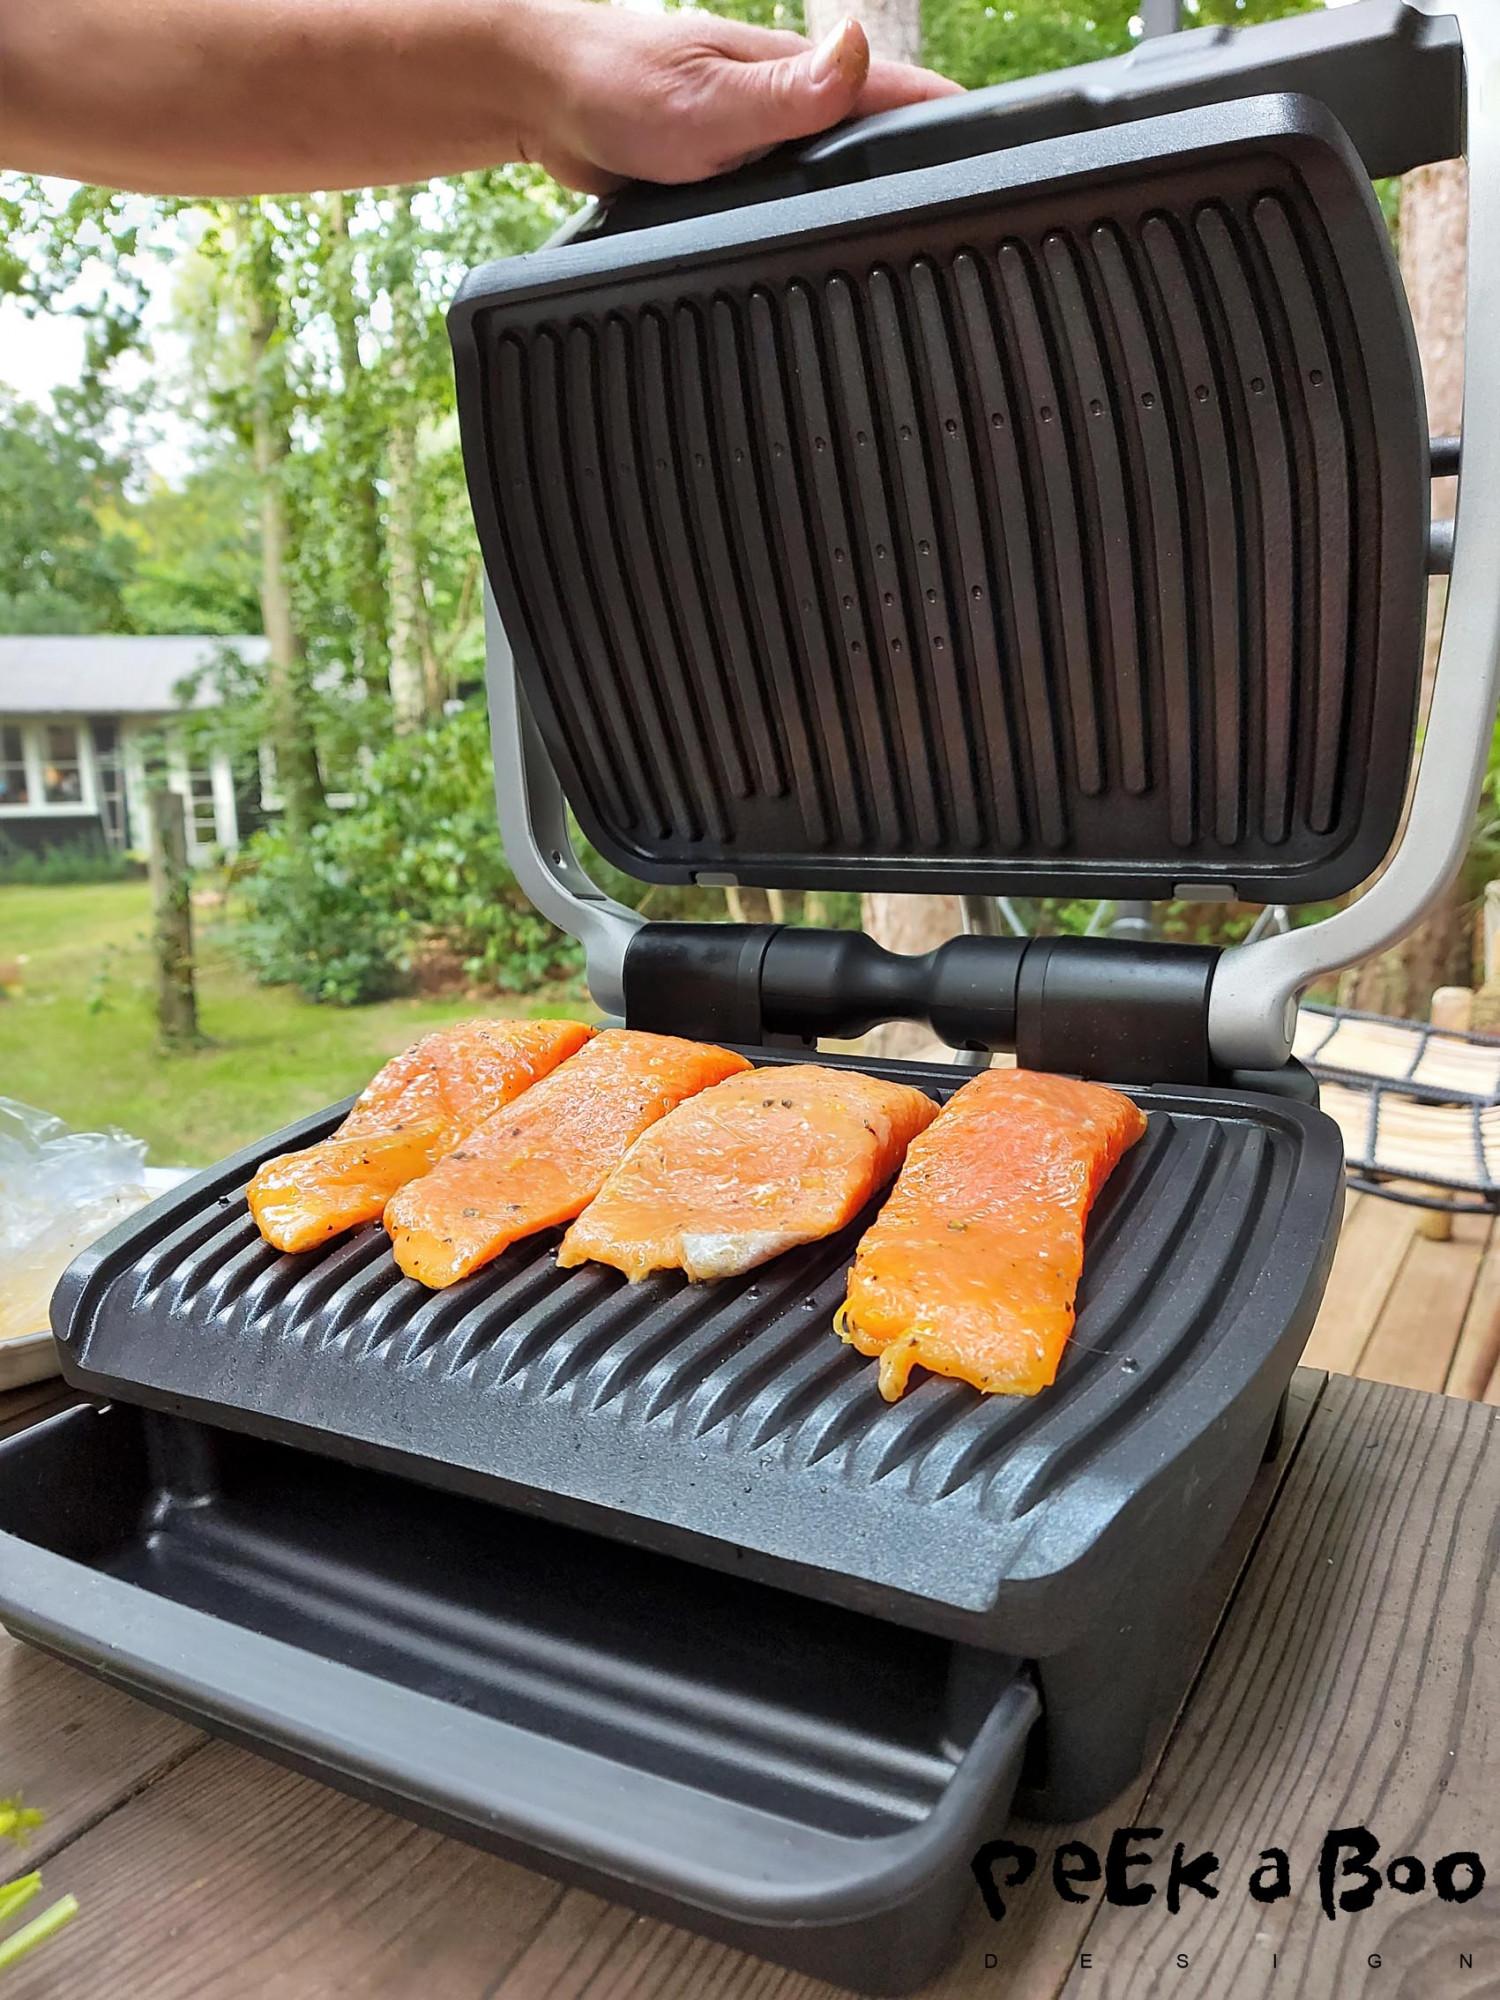 Preparing salmon on the OBH Opti Grill Elite.